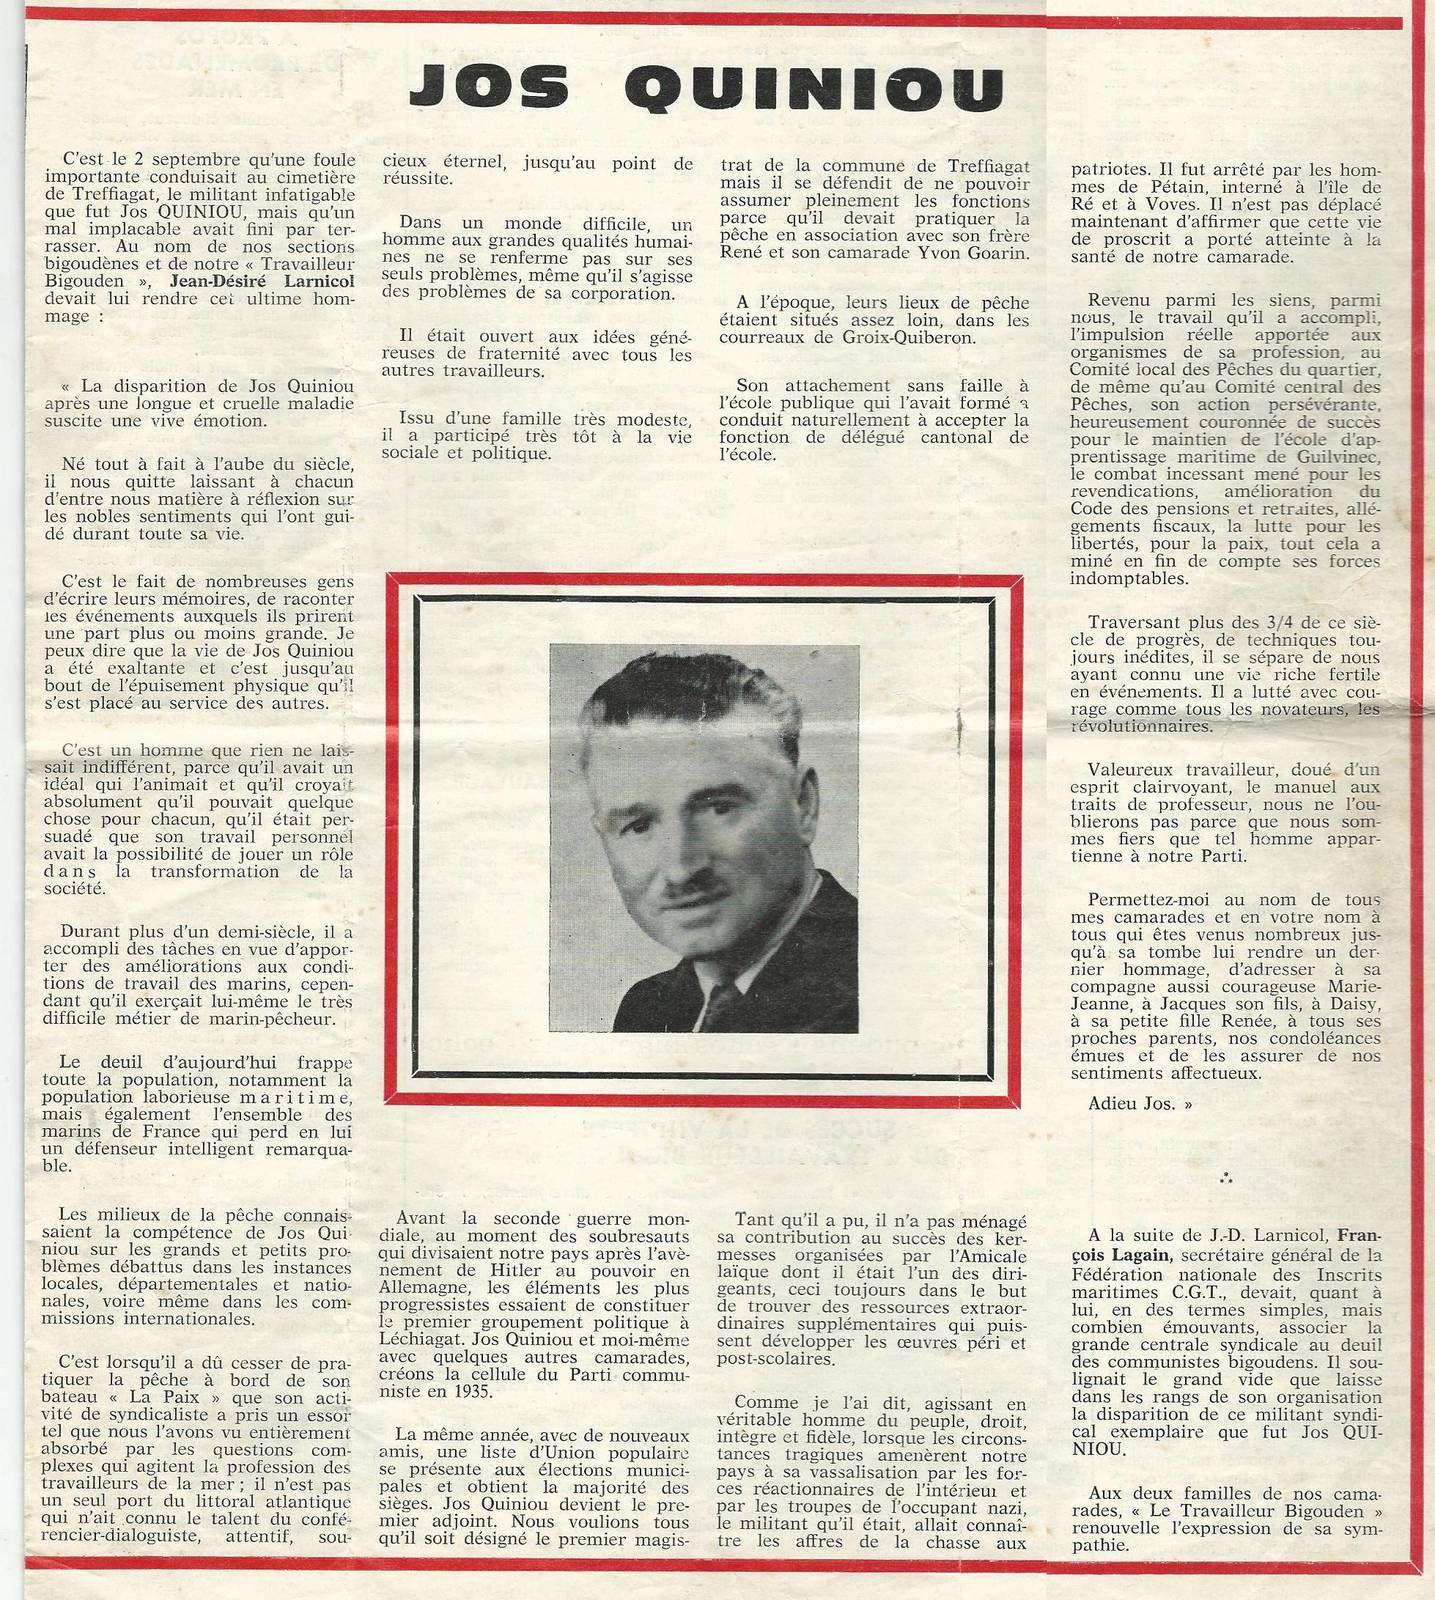 Le Travailleur Bigouden: septembre-octobre 1976 - Journal du PCF Pays Bigouden